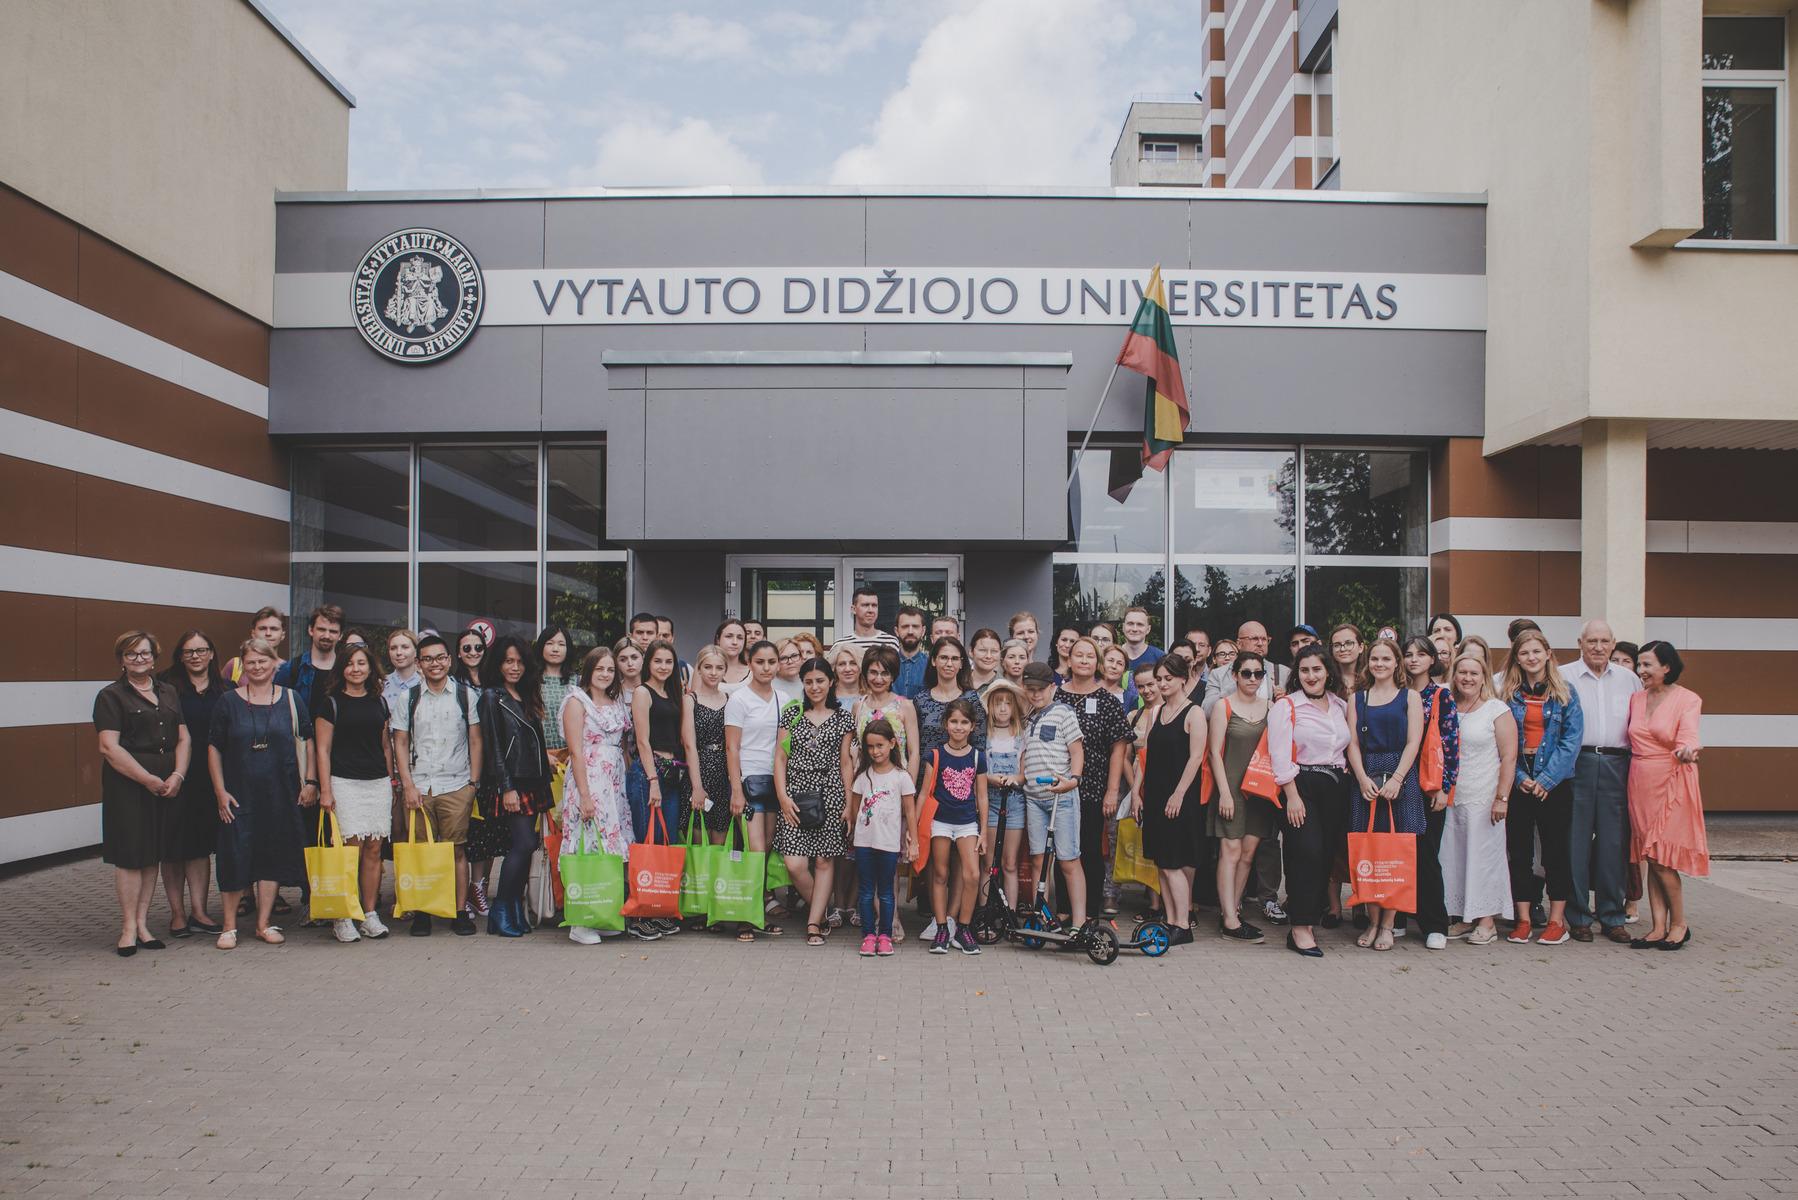 VDU rengiami lietuvių kalbos kursai užsienyje dirbantiems lituanistinių mokyklų mokytojams | vdu.lt nuotr.